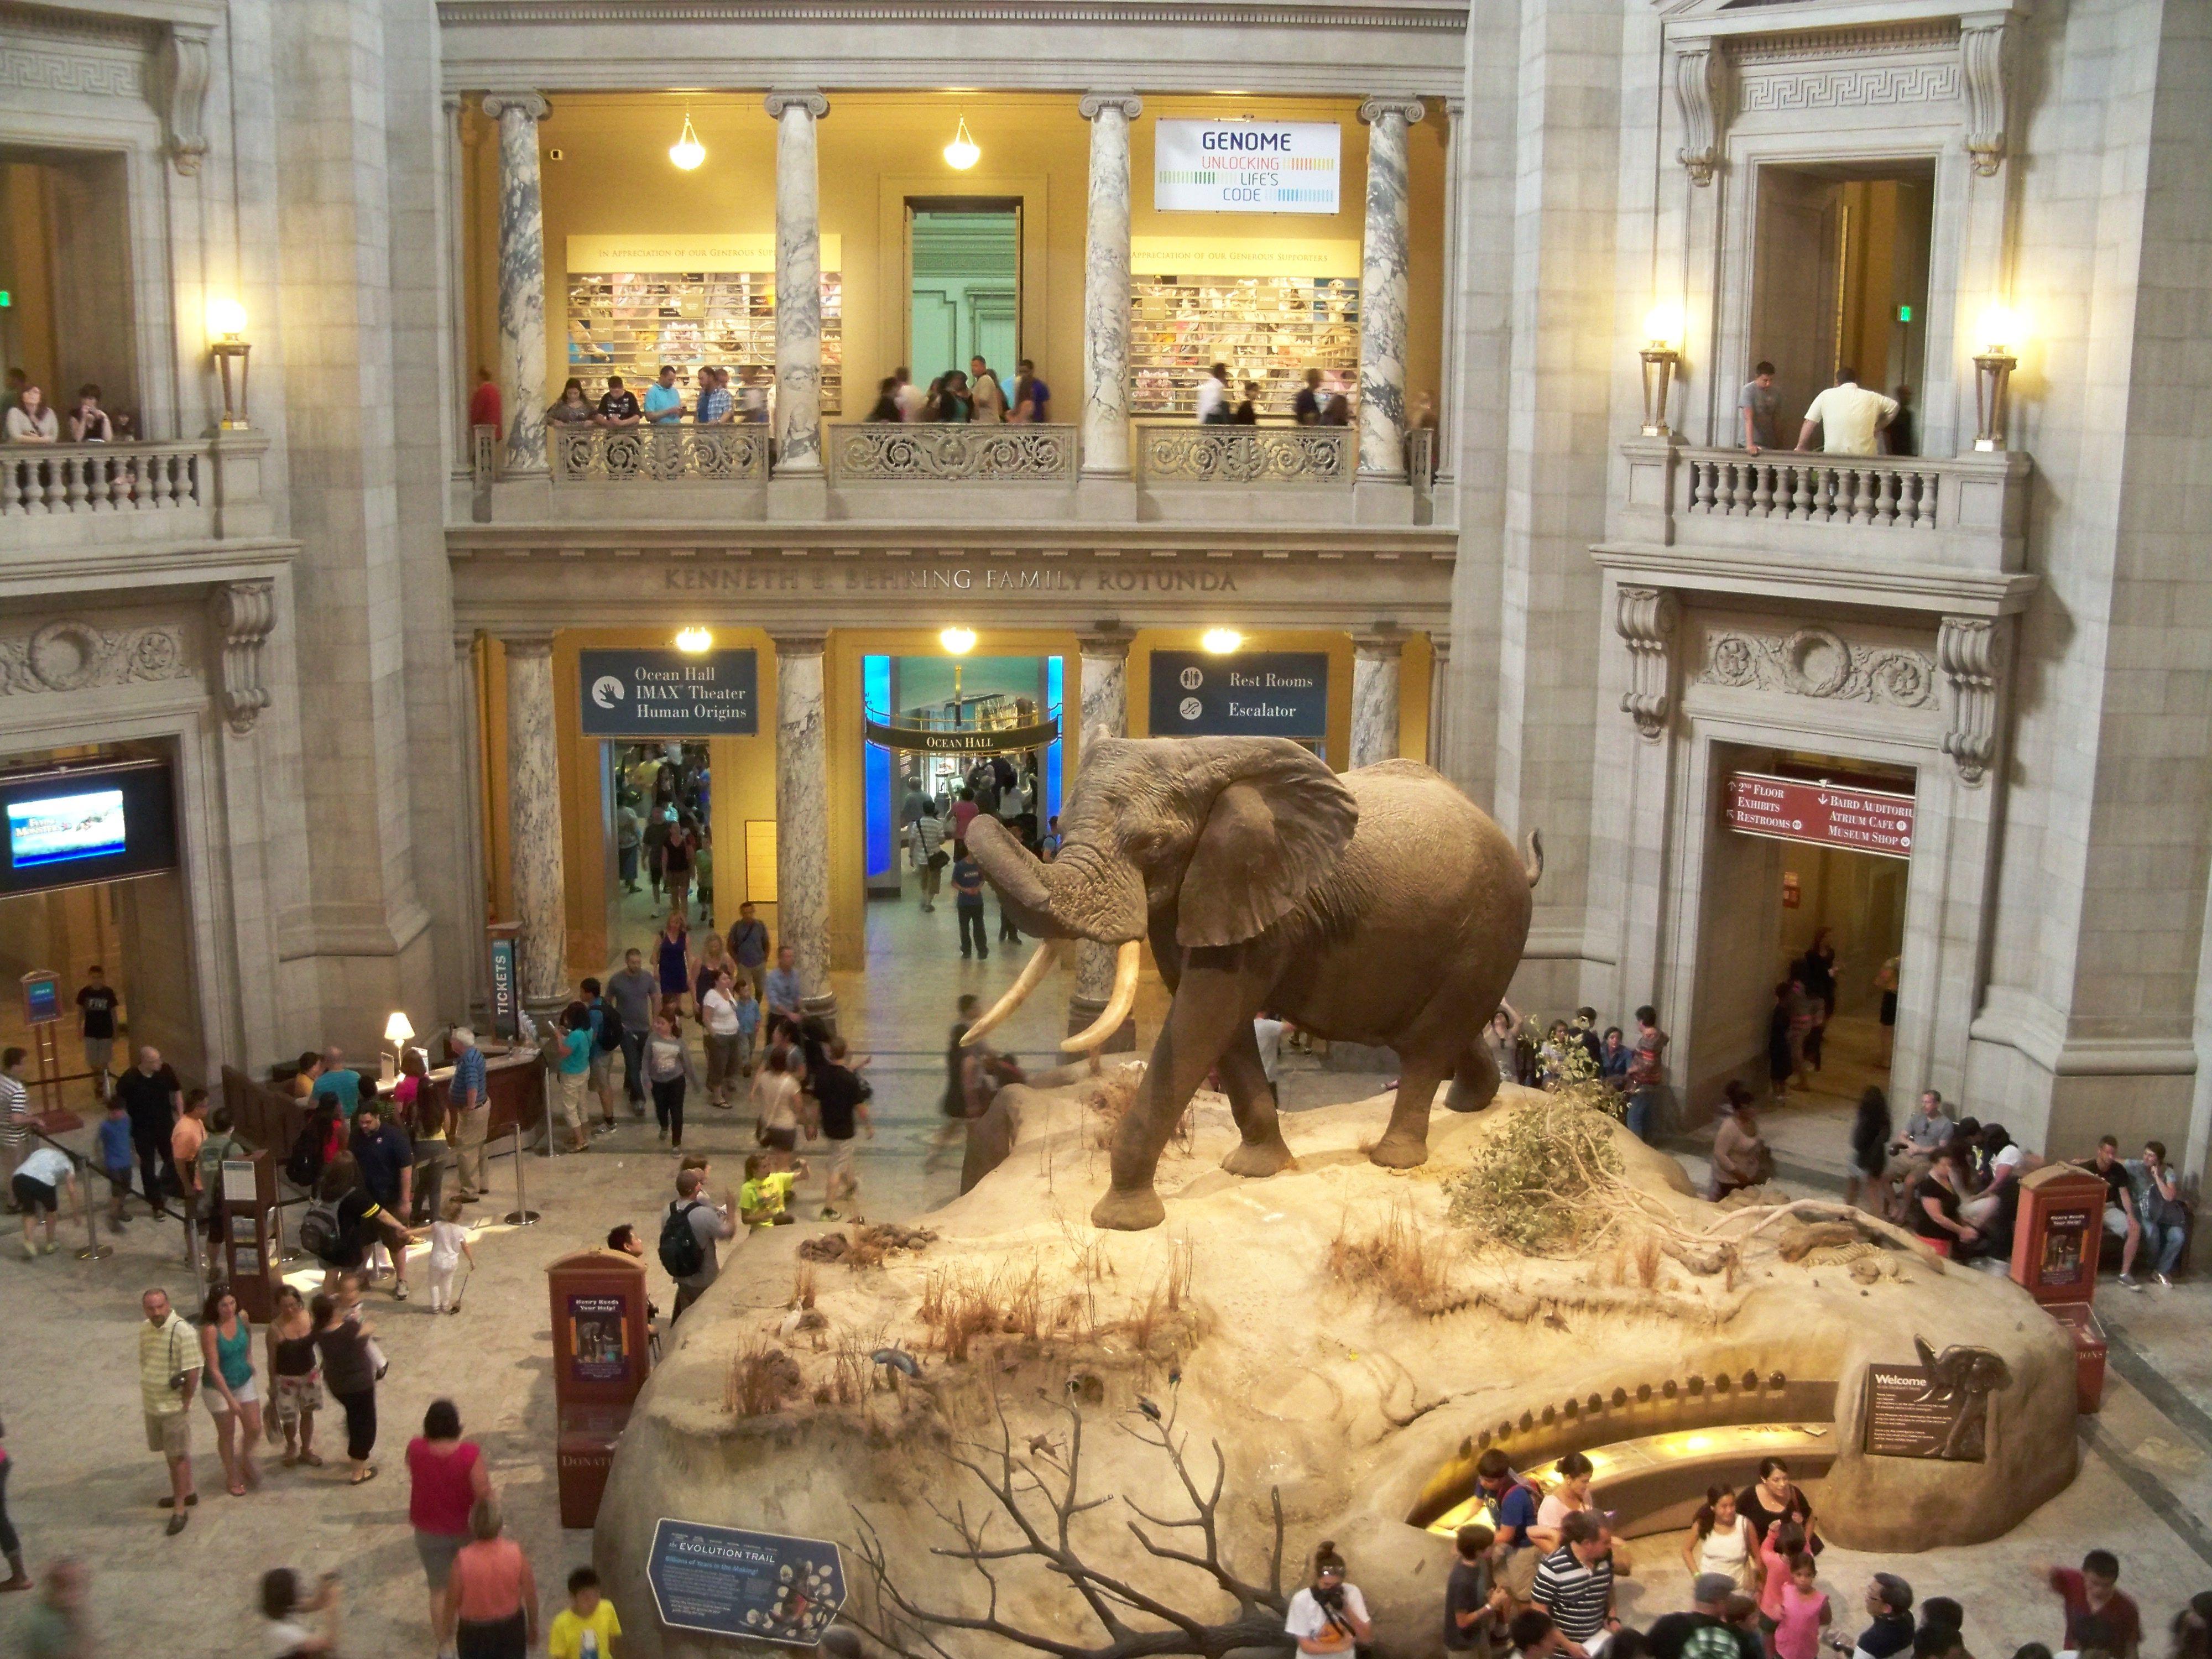 fe5152406cfd5ed9f3ad691bfcdf204a - How Do I Get To The Museum Of Natural History